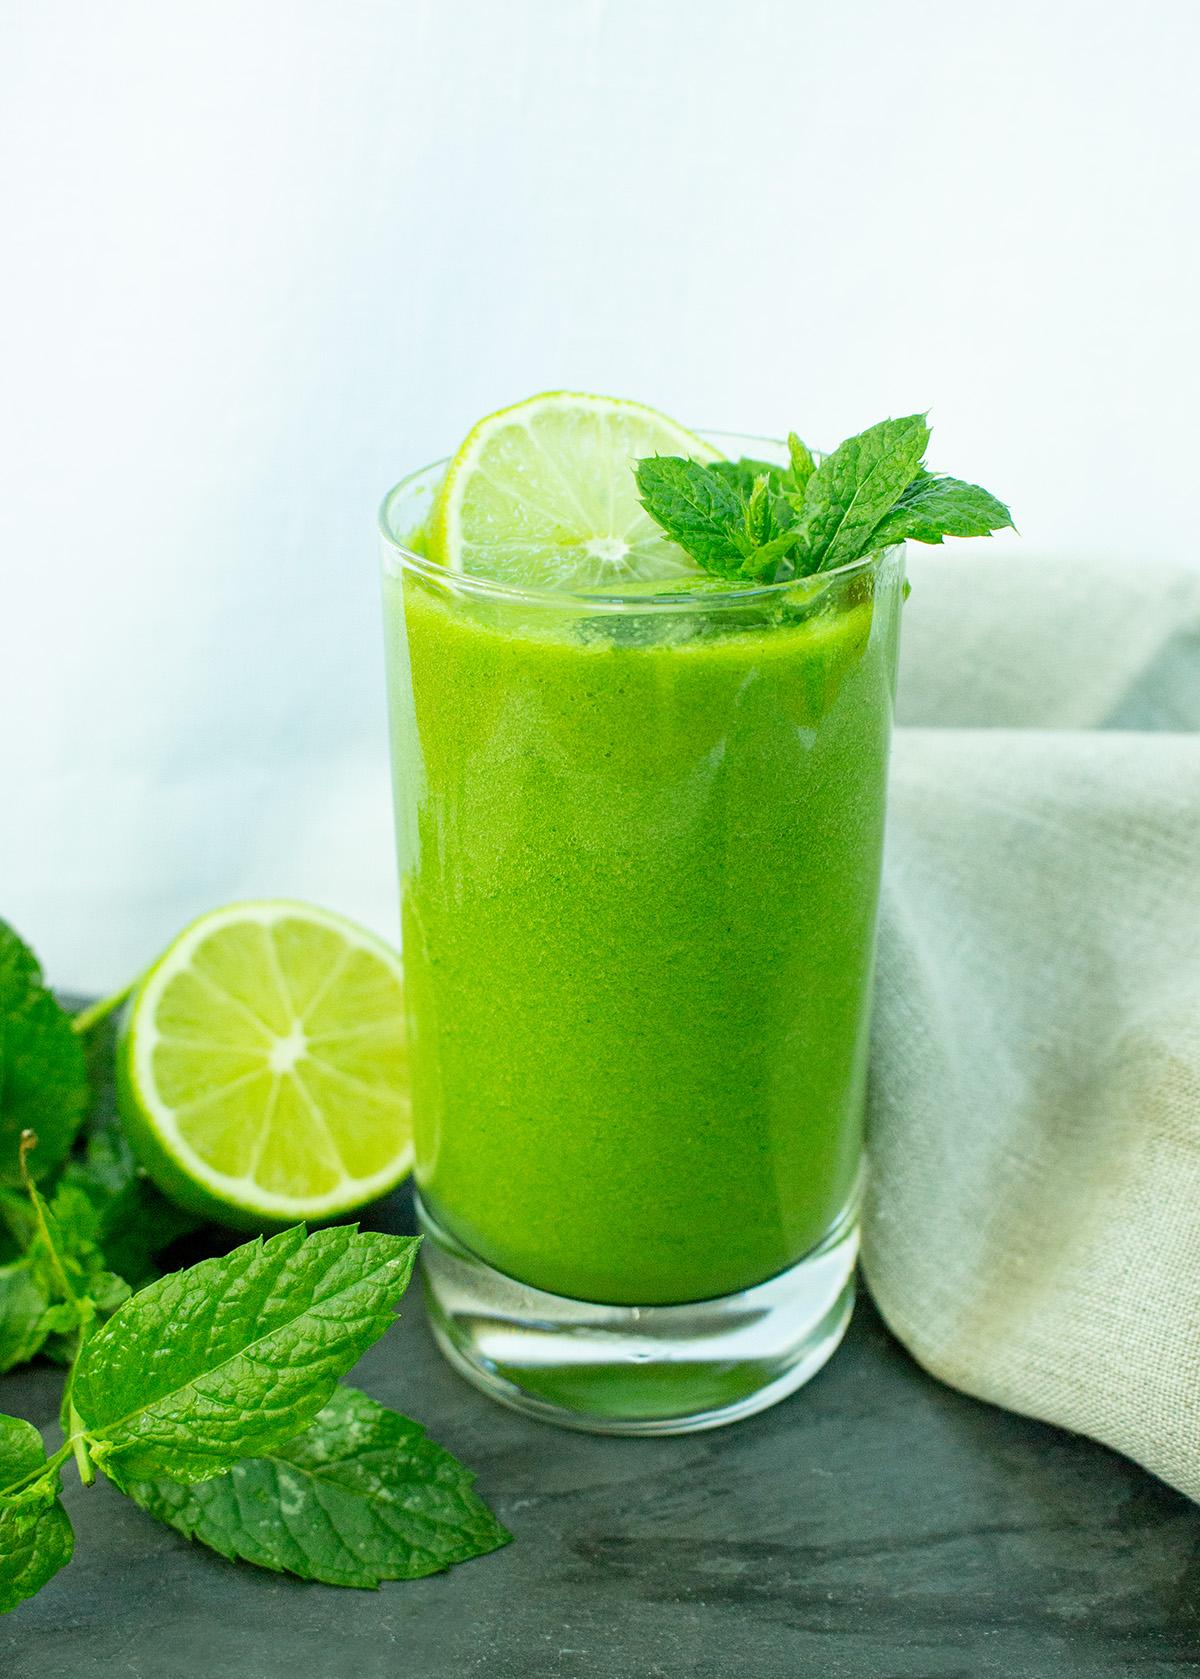 Smoothie mit grüner Melone, Minze und Limette in einem Glas mit Limettenscheibe und Minzblättern, im Hintergrund ein graues Leinentuch